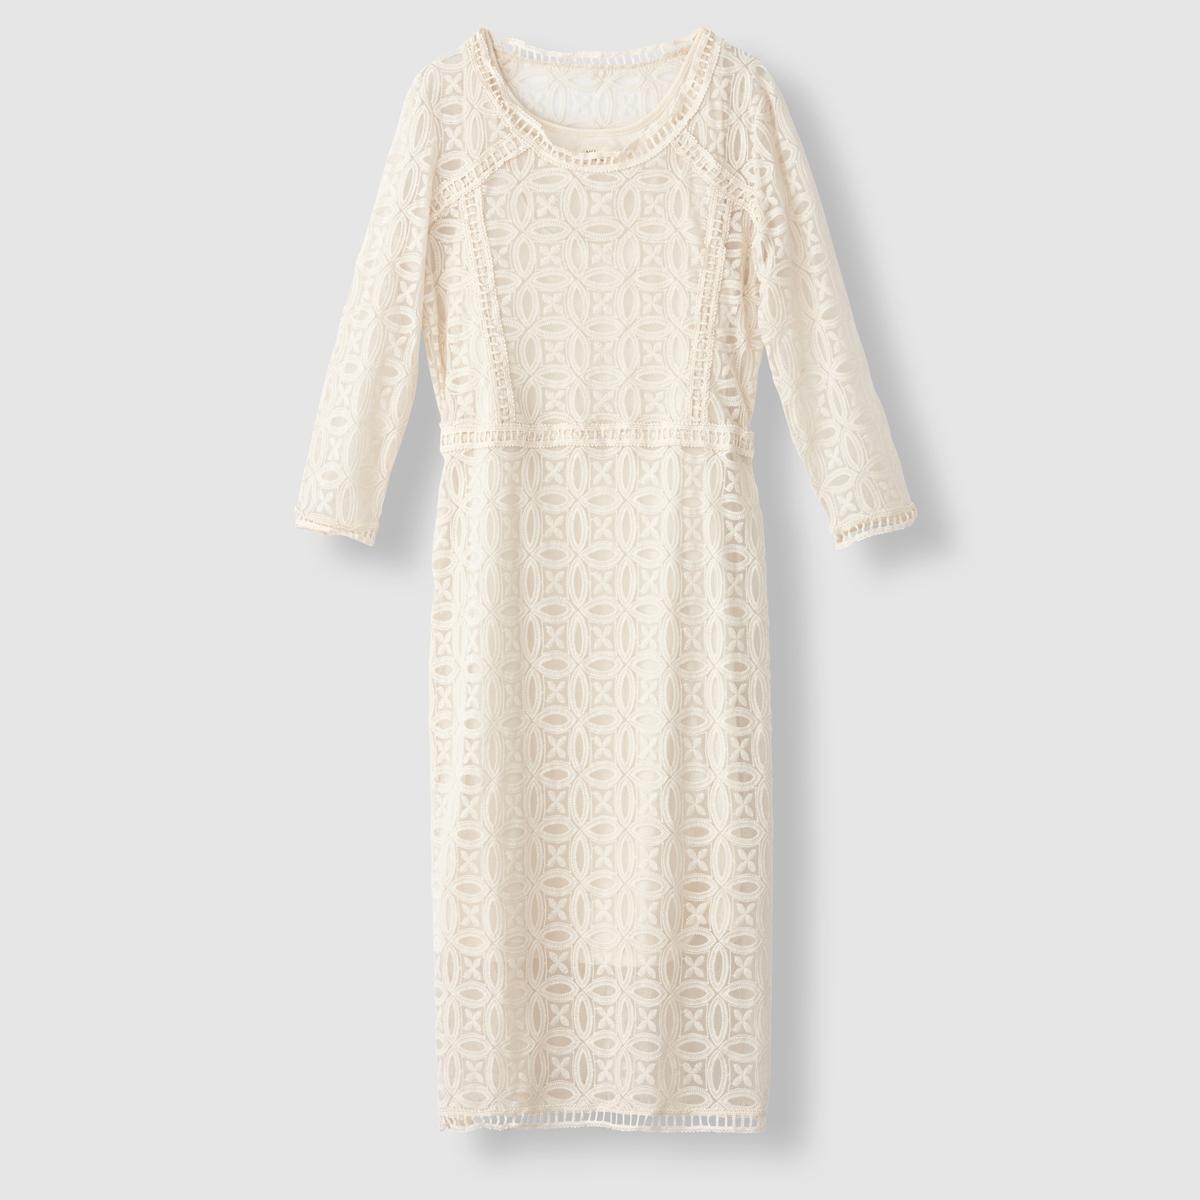 Платье из гипюра YukariПлатье Yukari от NUMPH. Прямой покрой. Рукава 3/4. Круглый вырез. Сплошной гипюр. Состав и описаниеМарка : NUMPHМодель : YukariМатериалы : 70% хлопка, 30% полиамидаУходМашинная стирка при 30 °C в деликатном режиме с вещами схожих цветов<br><br>Цвет: белый<br>Размер: 42 (FR) - 48 (RUS)